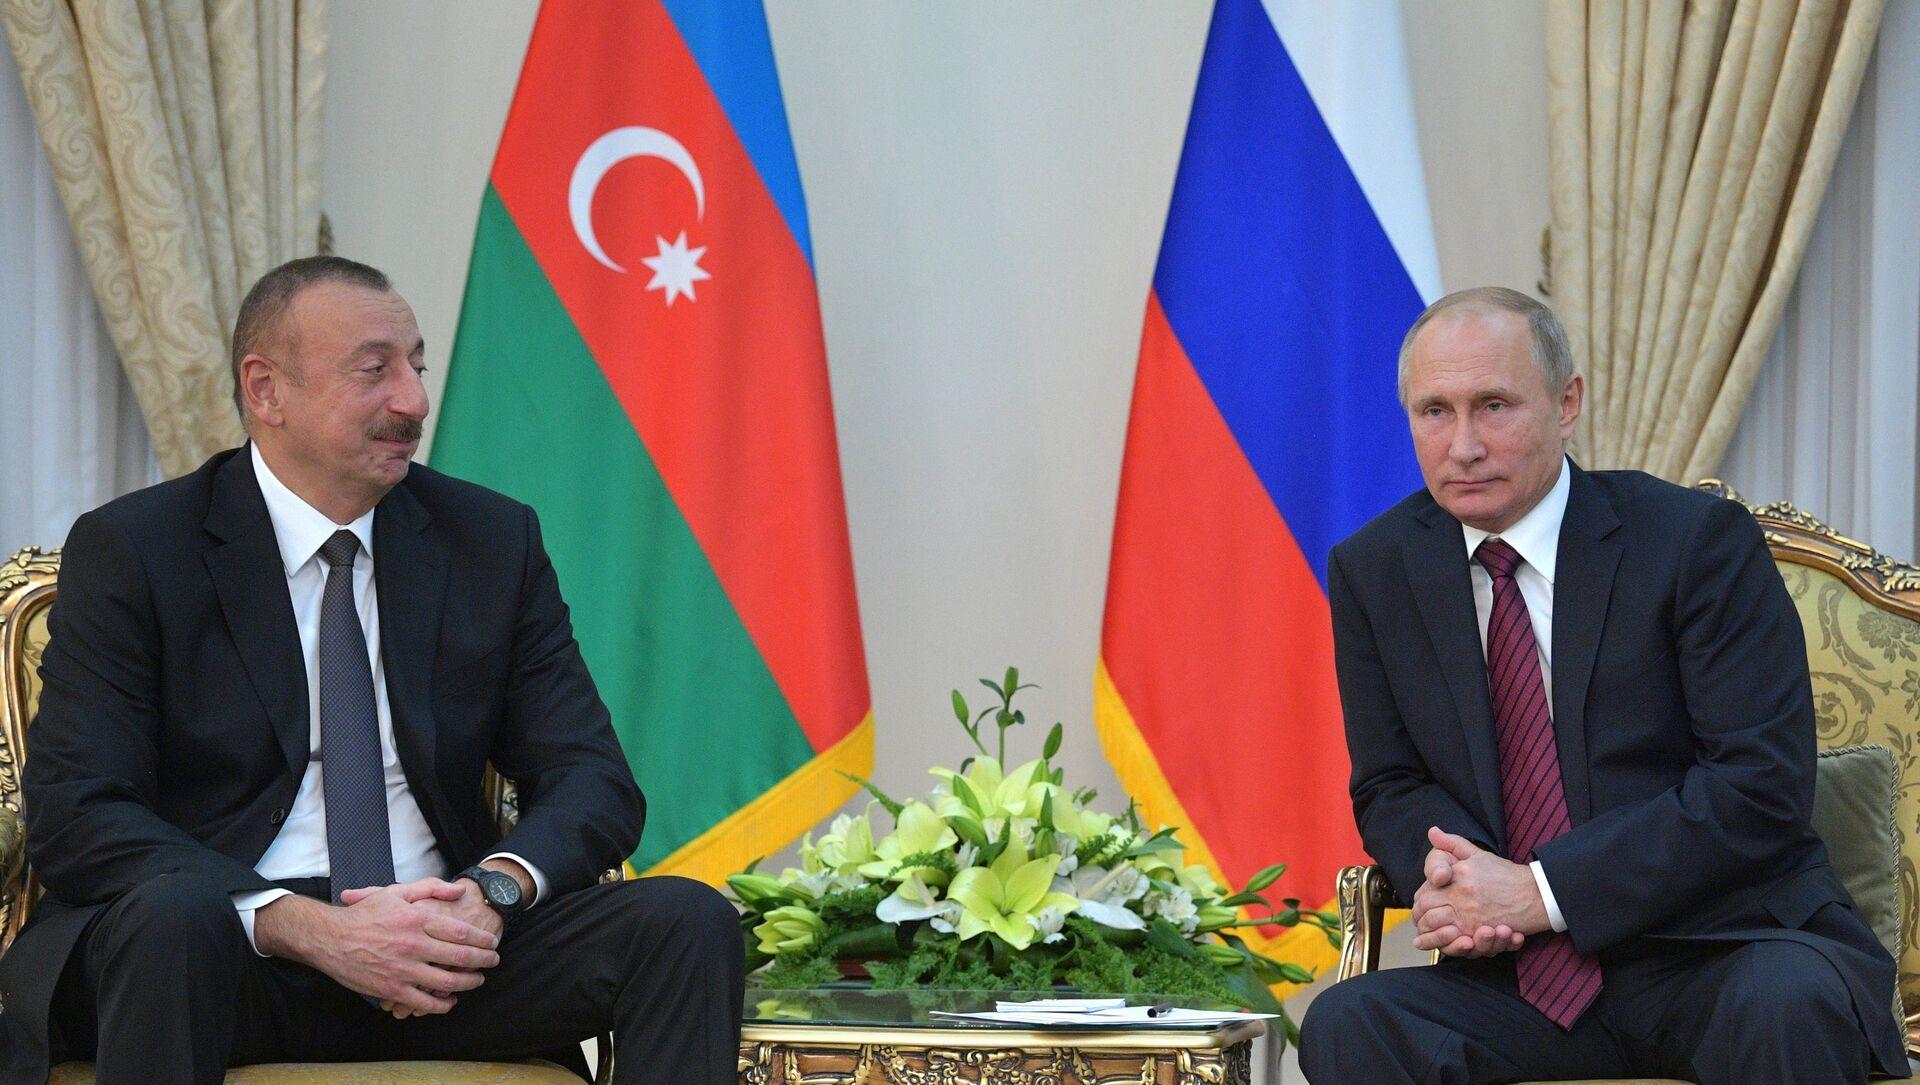 Azerbaycan Cumhurbaşkanı İlham Aliyev ve Rusya Devlet Başkanı Vladimir Putin - Sputnik Türkiye, 1920, 19.07.2021